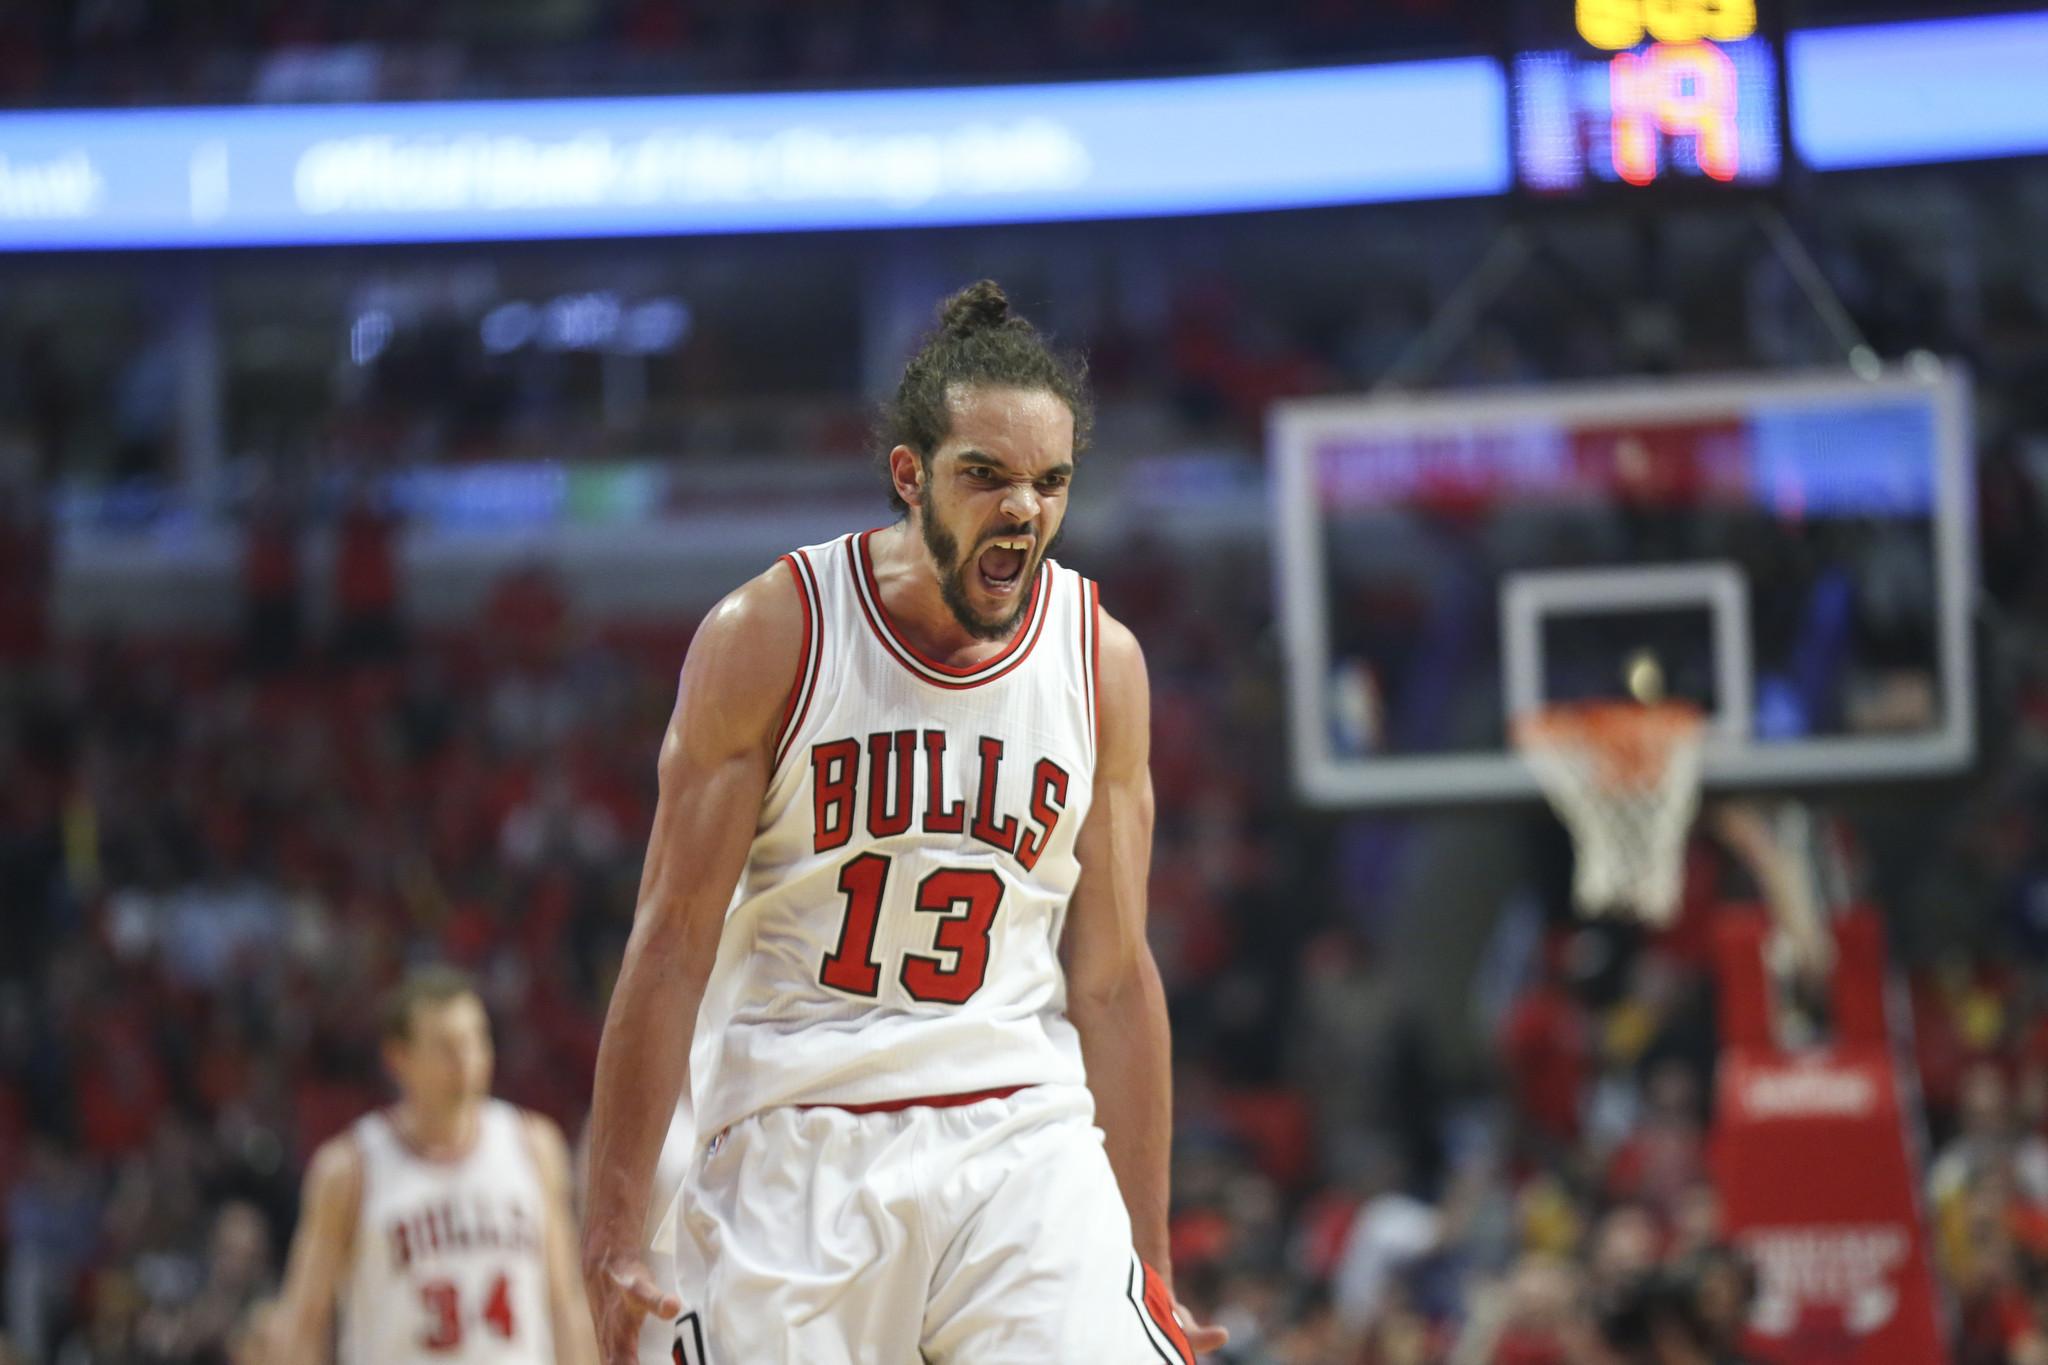 Bulls Team Roster 2015 Lrelated 2015-16 Bulls Roster